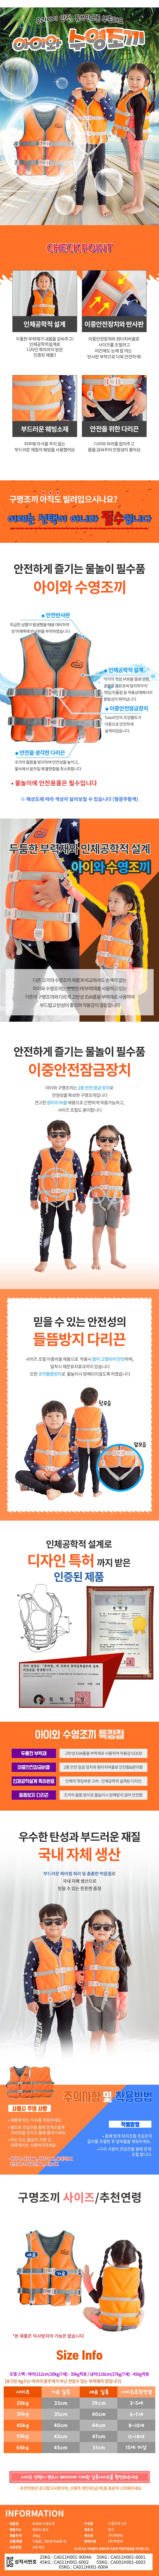 아이와 수영조끼 55kg - 우토, 40,200원, 튜브/구명조끼, 구명조끼